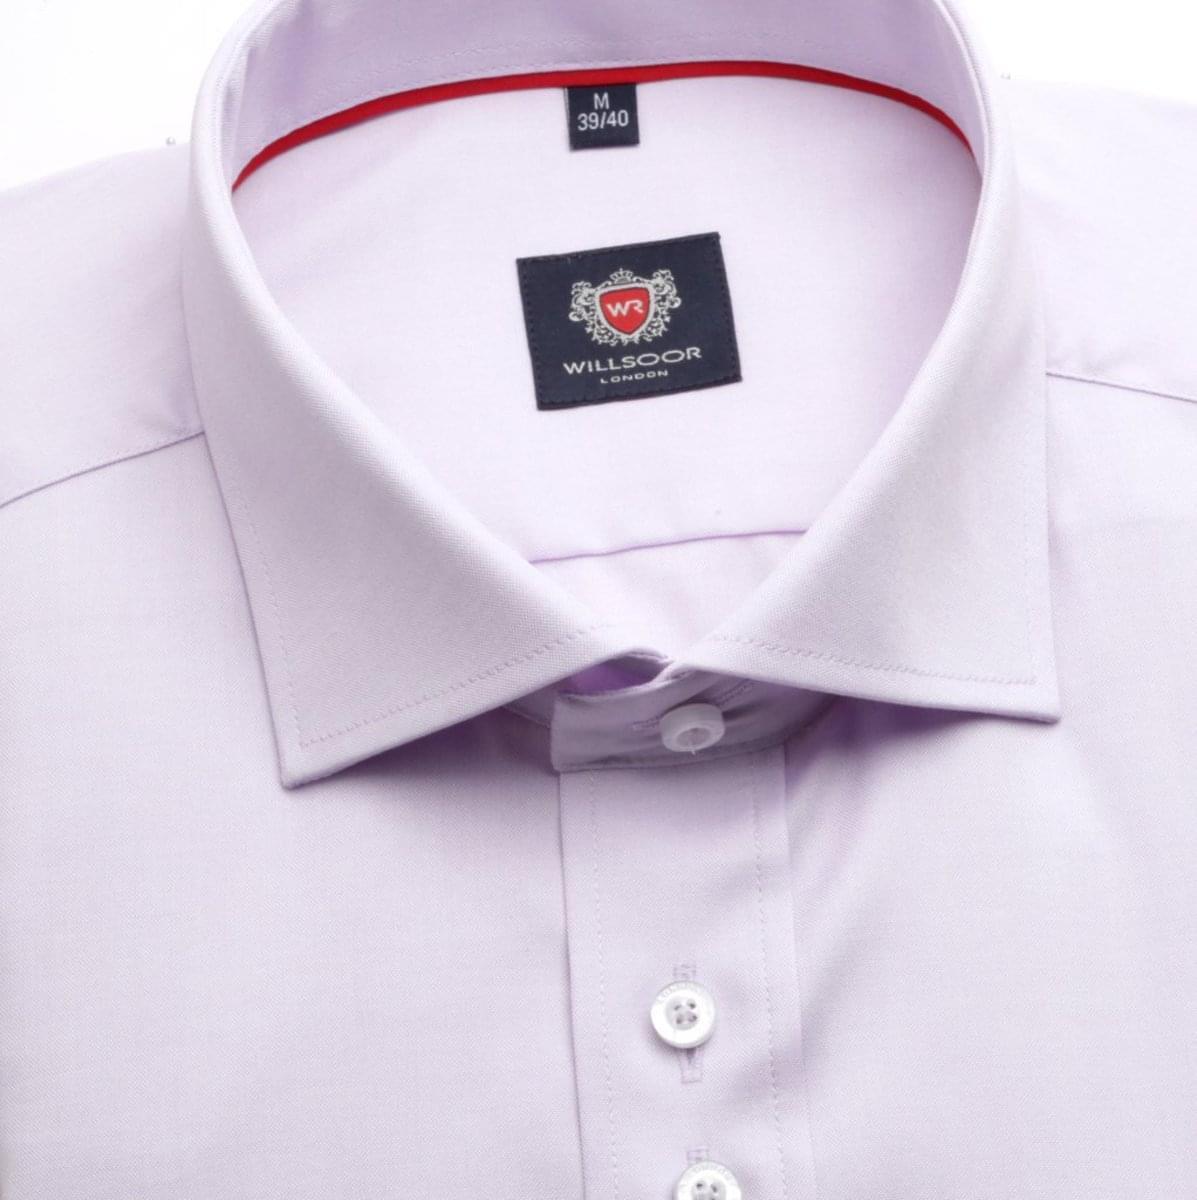 Pánská košile WR London ve fialkové barvě (výška 176-182) 5180 176-182 / XL (43/44)